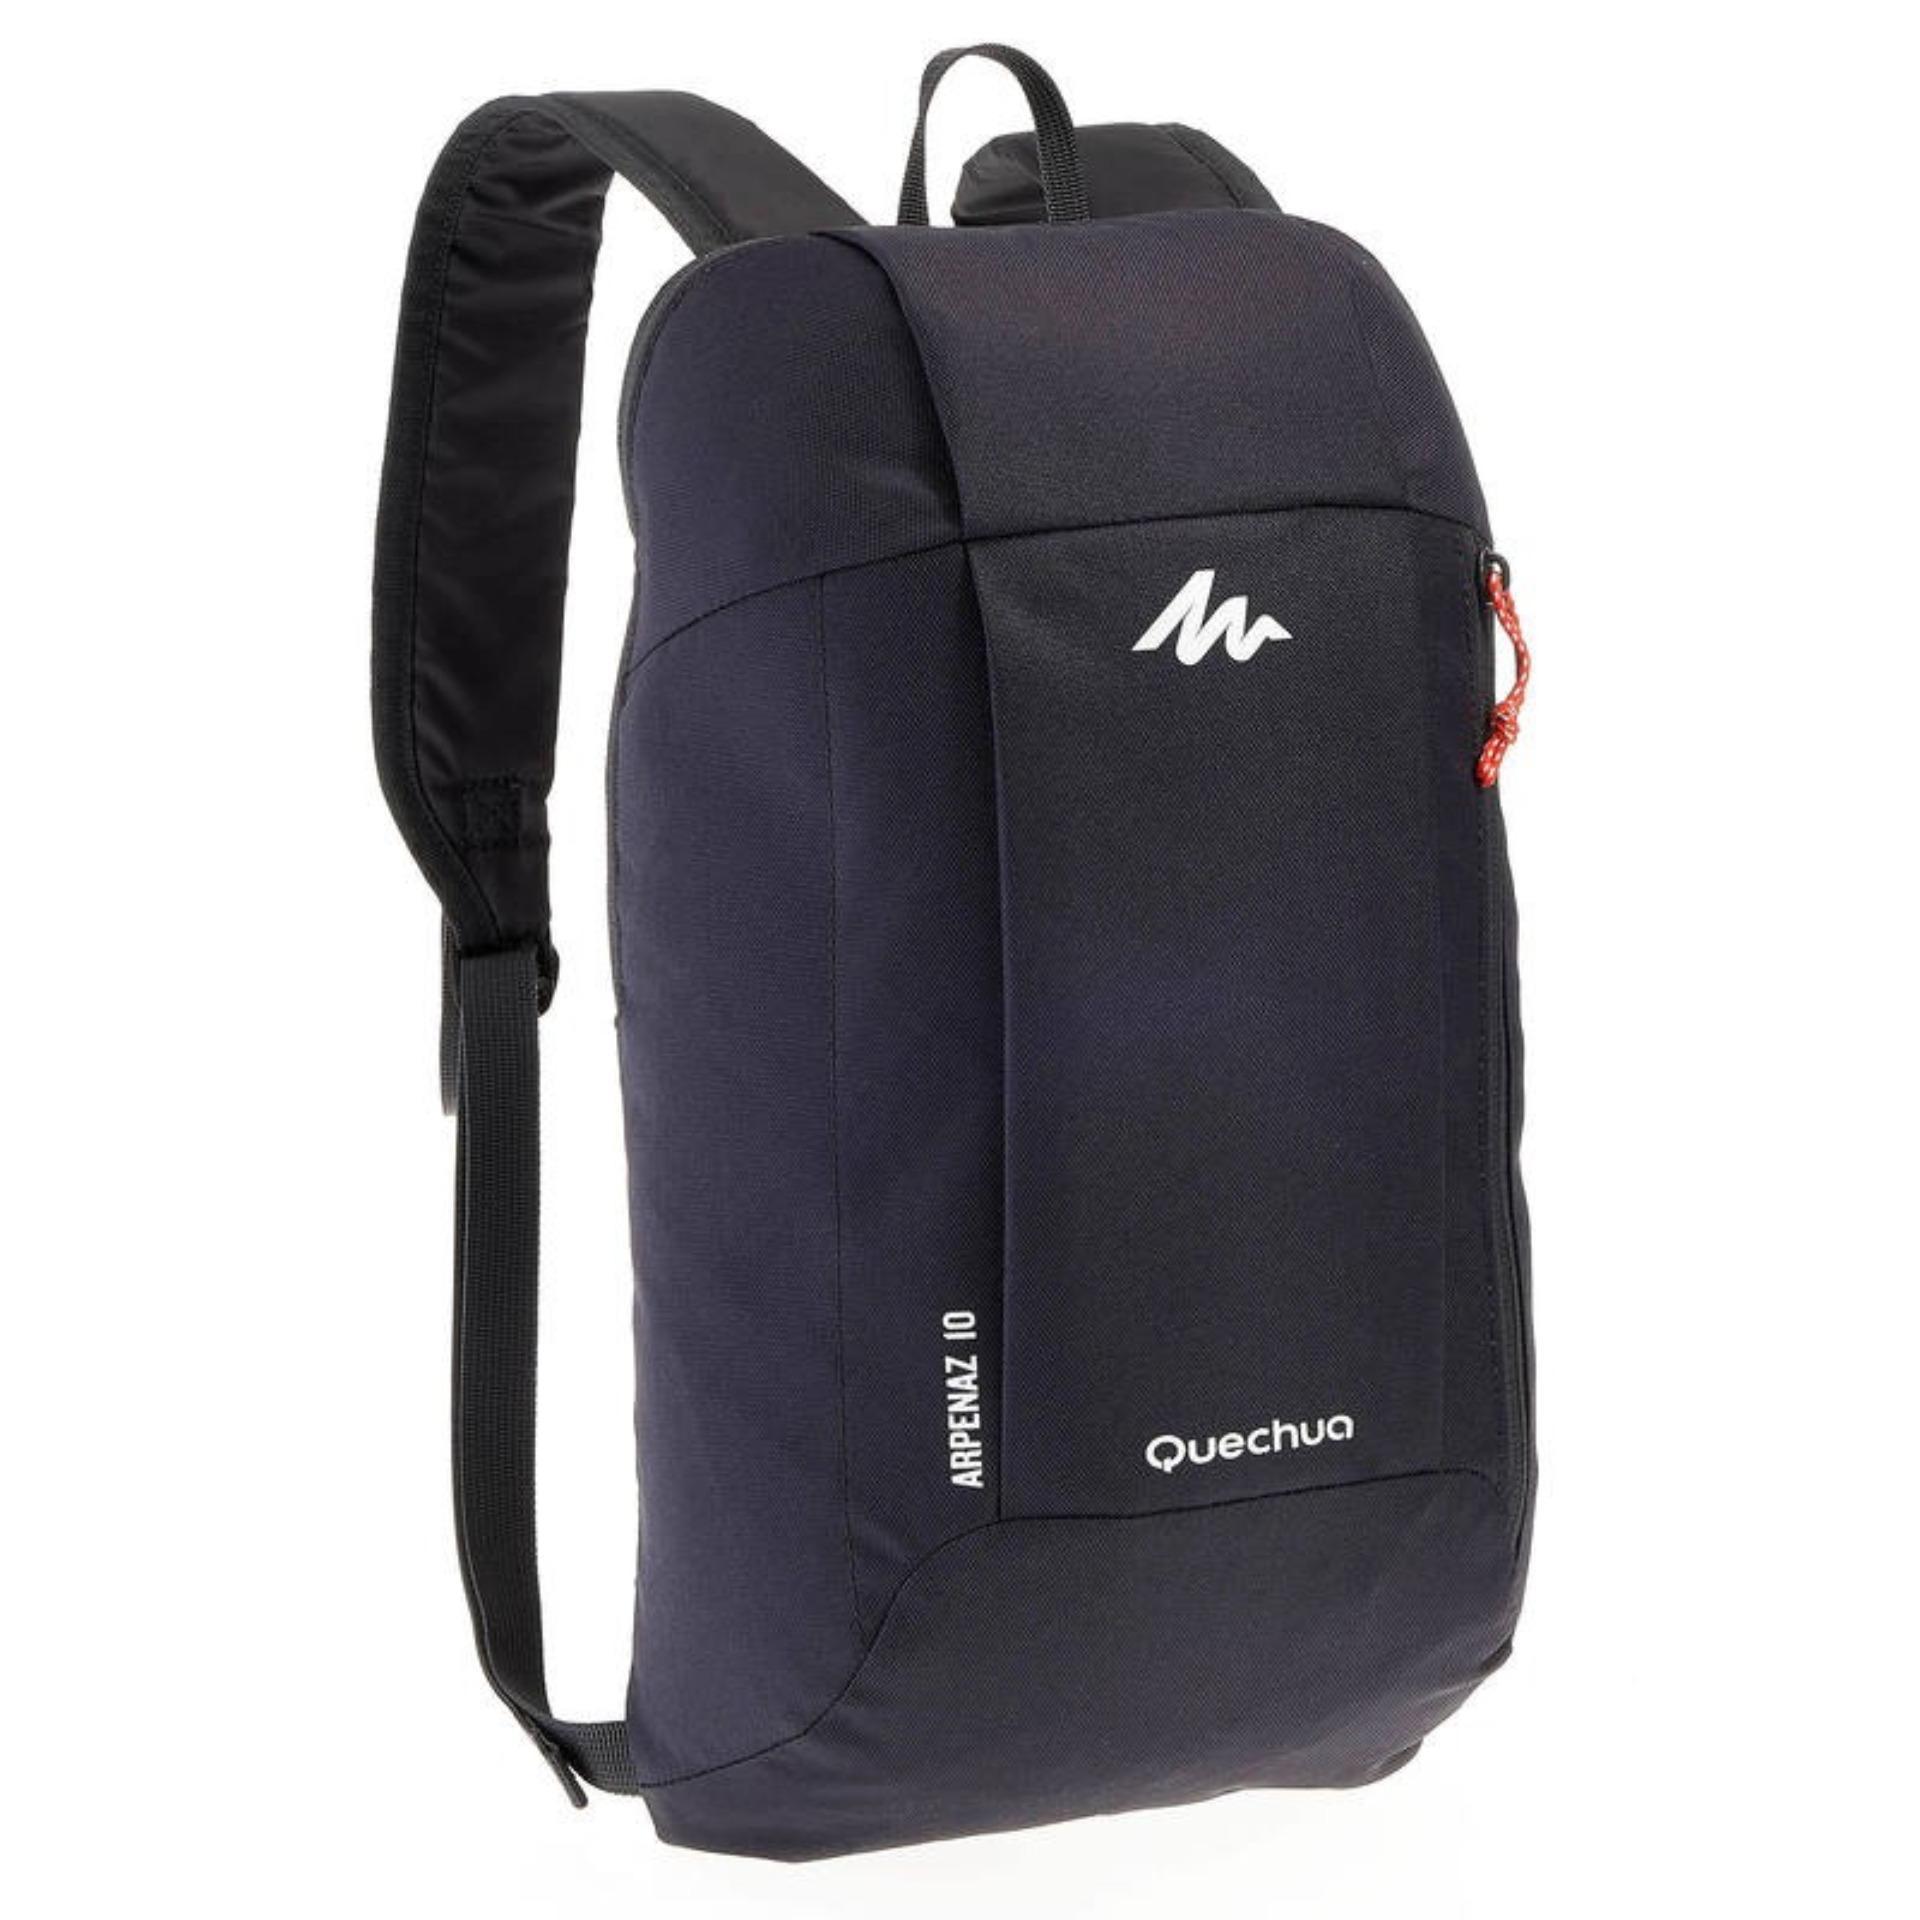 Original Branded Unisex Multipurpose Backpack MSR214 / Tas Ransel Kecil Harian Pria Wanita Dewasa Anak Laki-Laki Perempuan / Daypack Gendong Punggung Travel Olahraga Lari Outdoor Hiking Gunung Sepeda Motor Sekolah Ori Asli Import / Qcarpenaz10